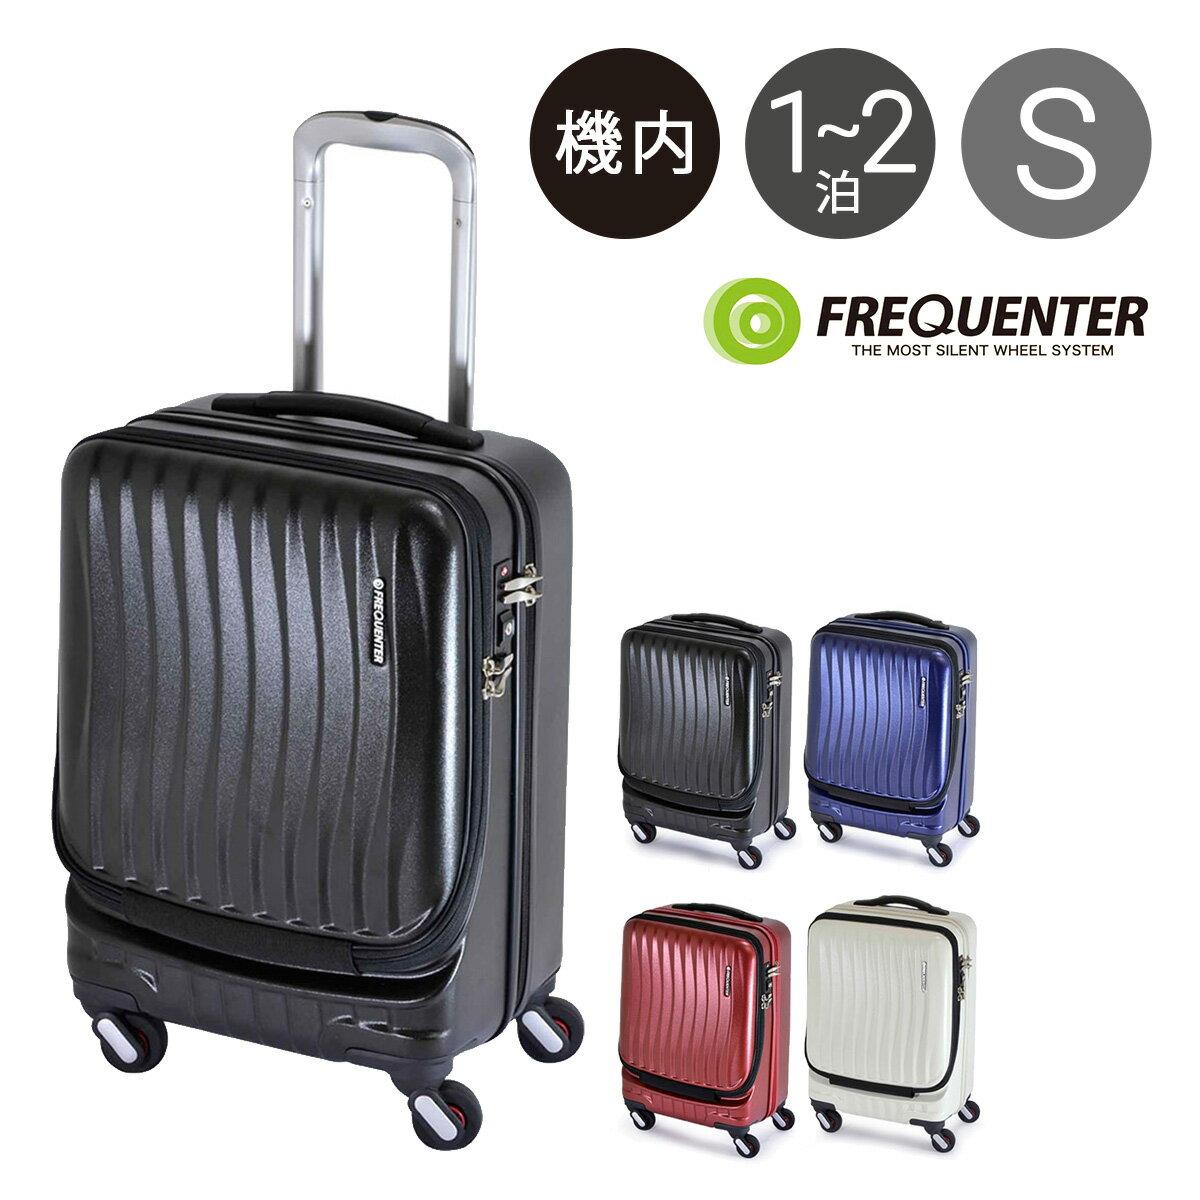 FREQUENTER スーツケース CLAM クラム 1-210 メンズ レディース ユニセックス 46cm フロントオープン エンドー鞄 キャリーケース 静音 機内持ち込み可 TSAロック搭載 フリクエンター【PO10】【bef】